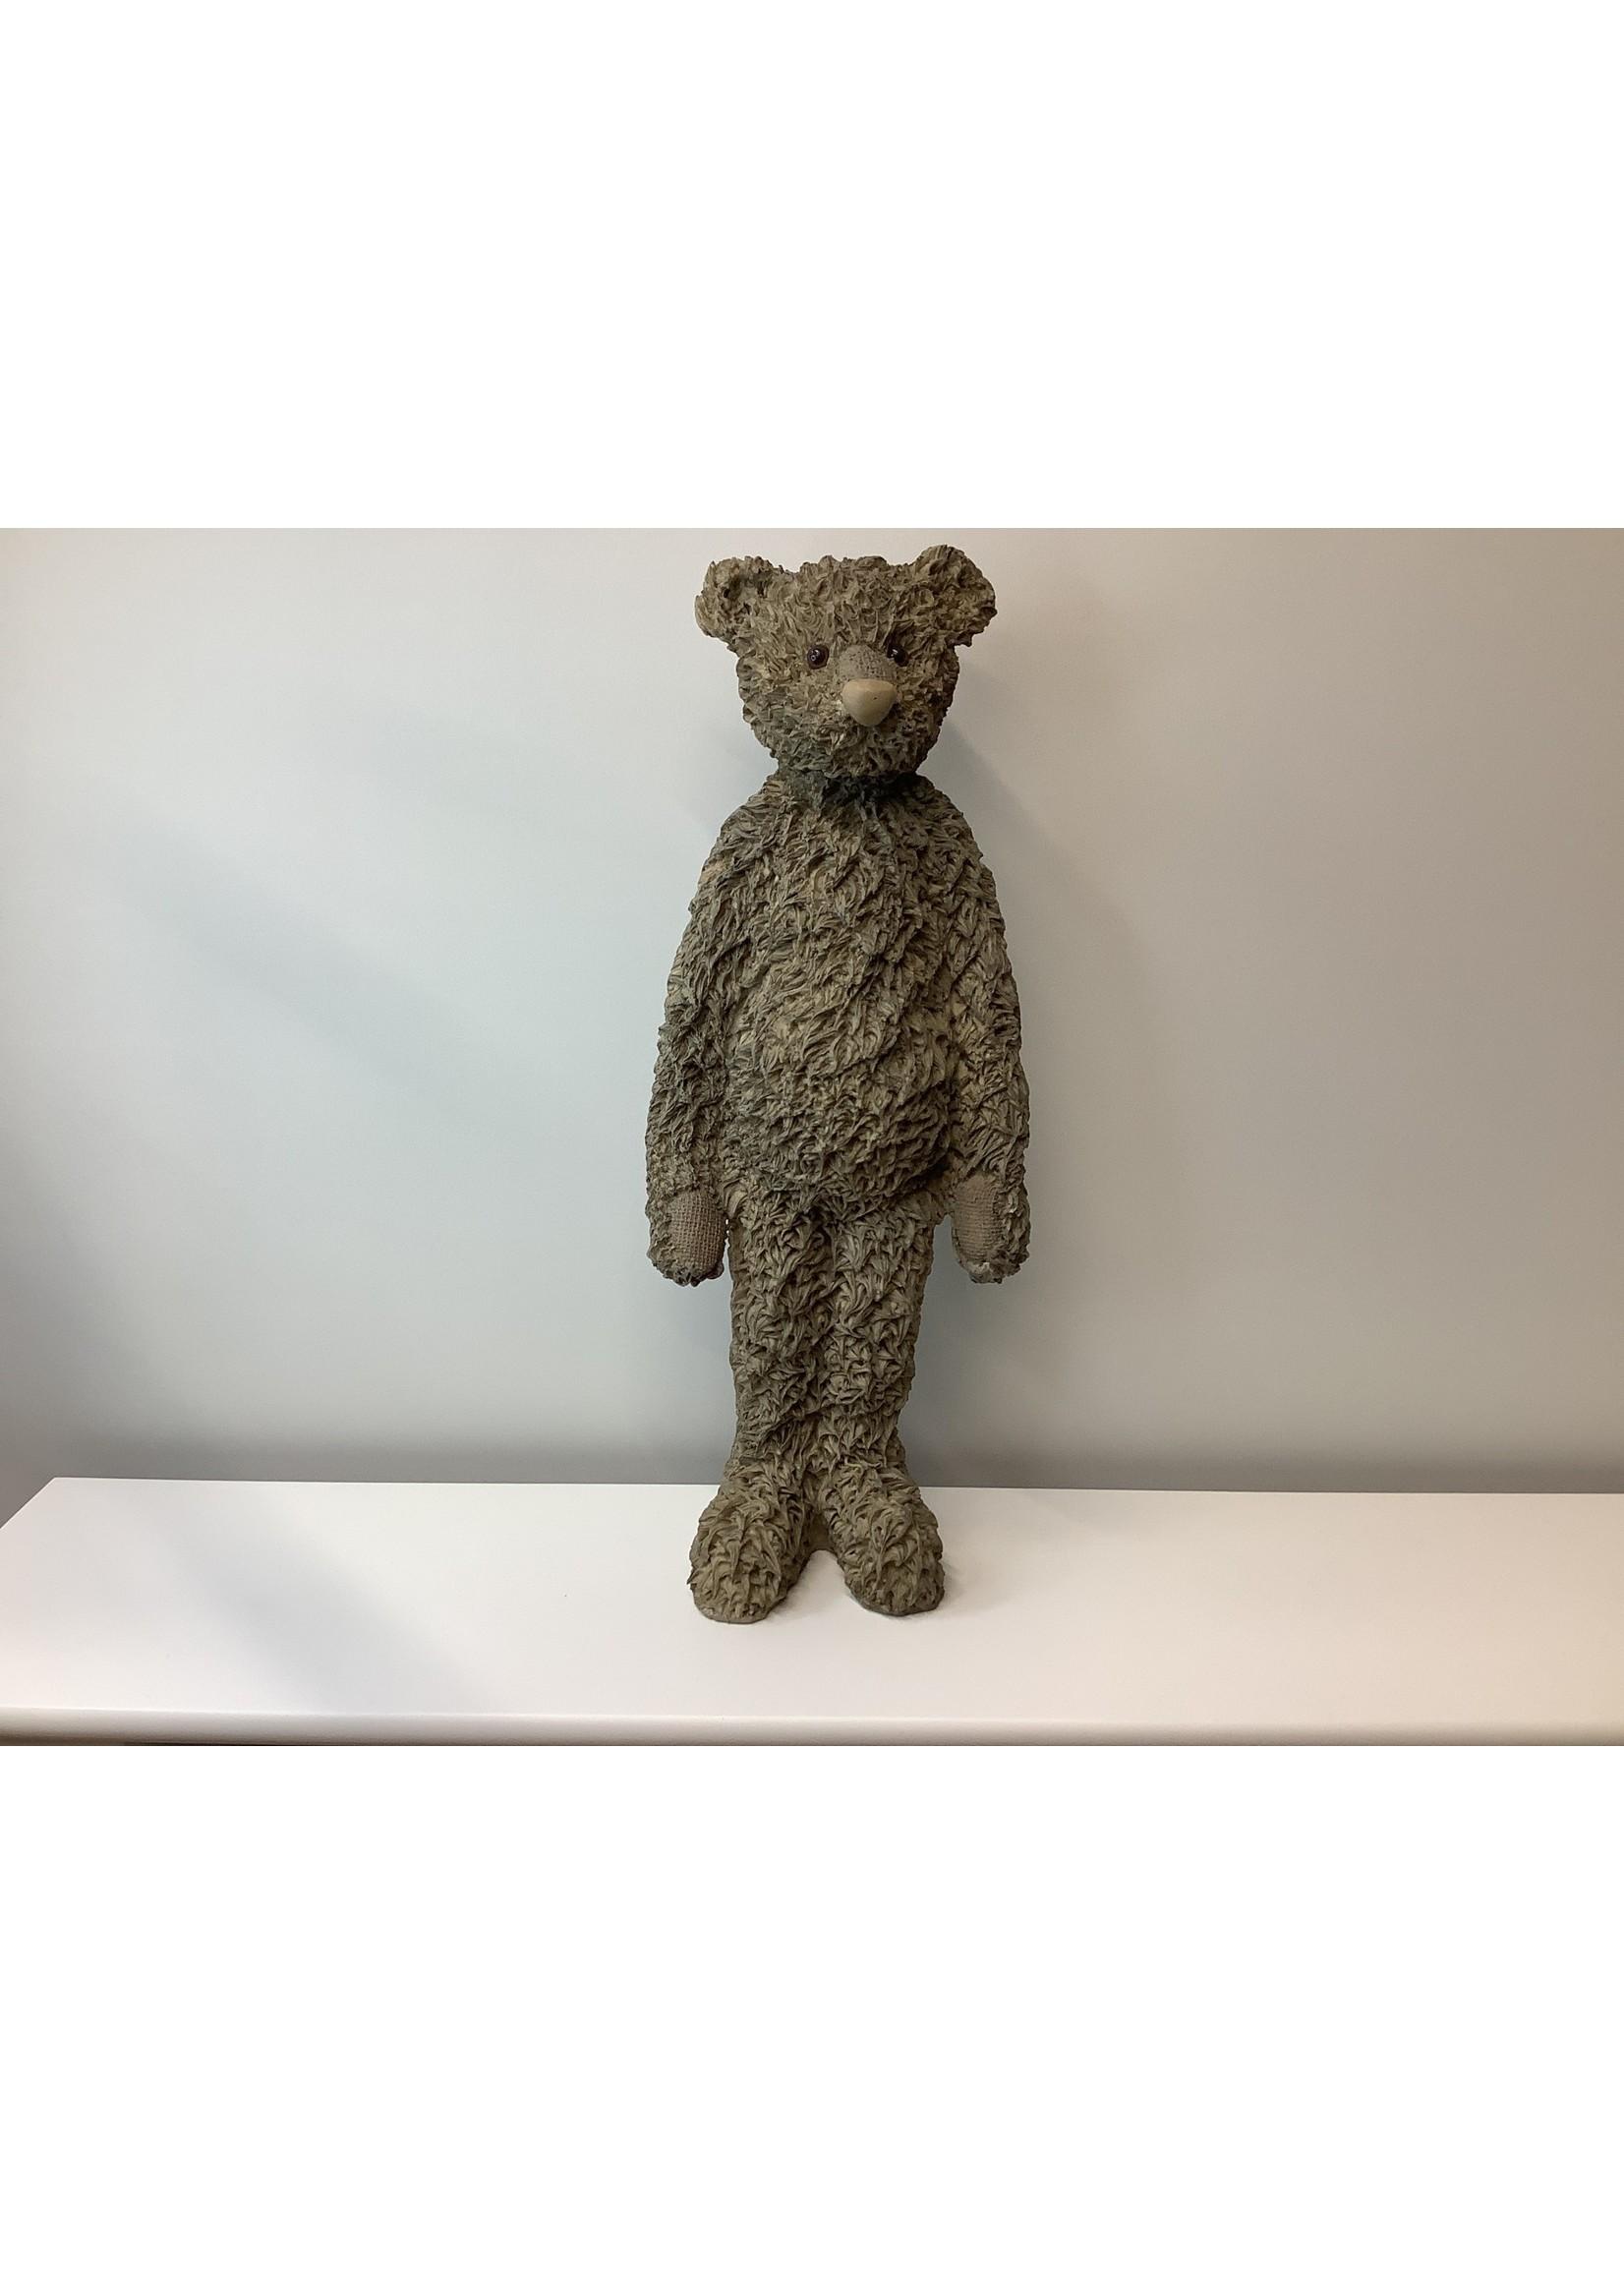 Teddy bear resin 45cm tall